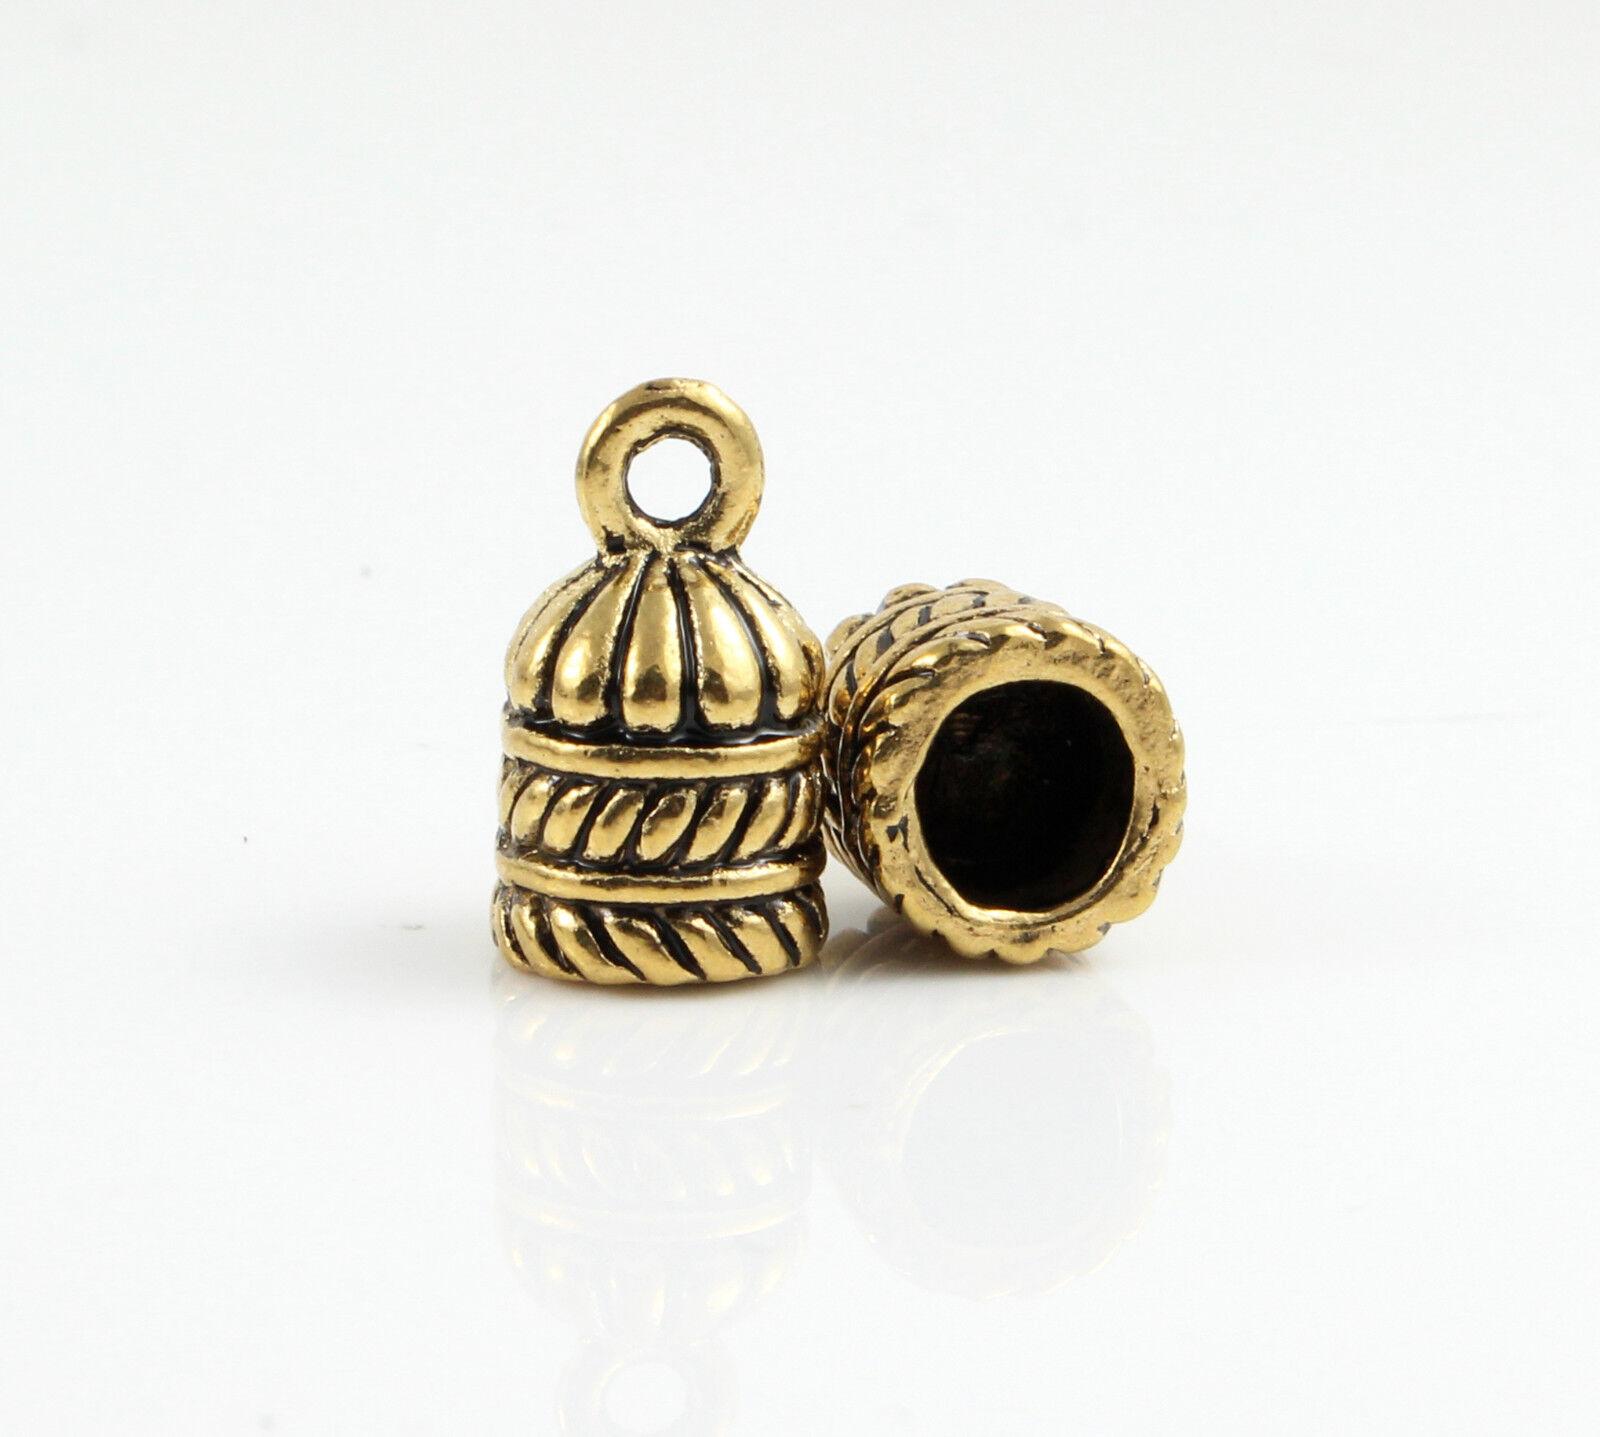 8 Endkappen Ø 6 mm antik gold Armband herstellen Schmuck verschluss